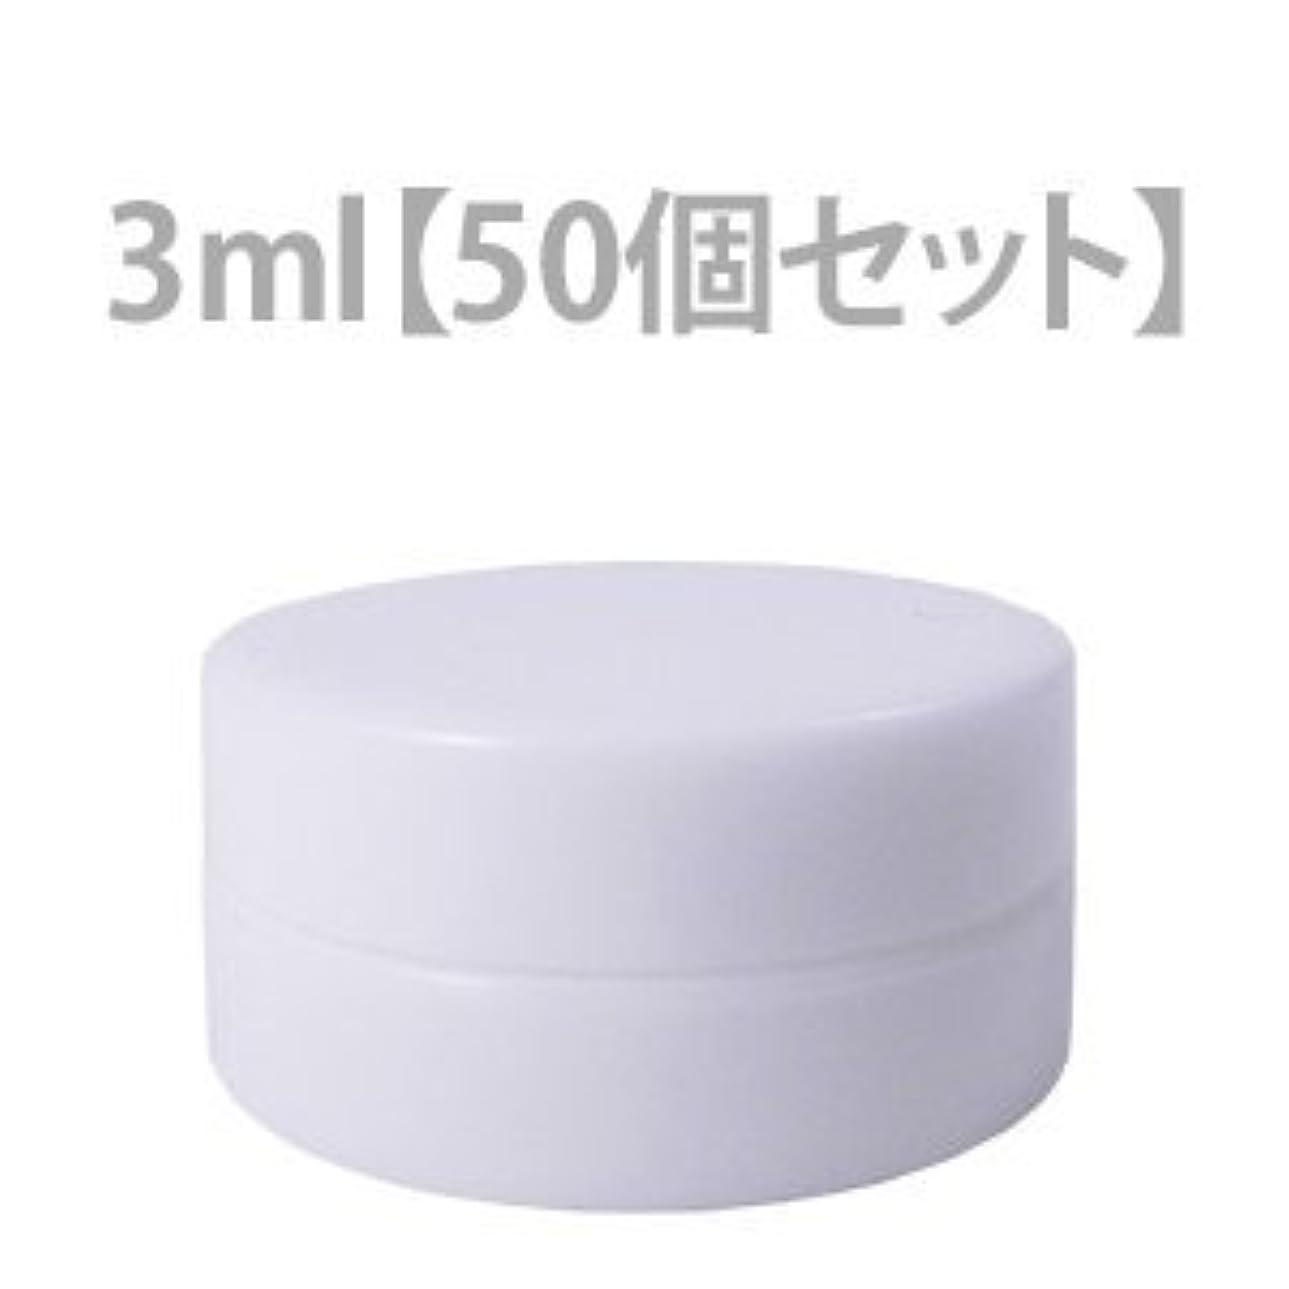 追記フラスコ内部クリーム用容器 3ml (50個セット) 【化粧品容器】